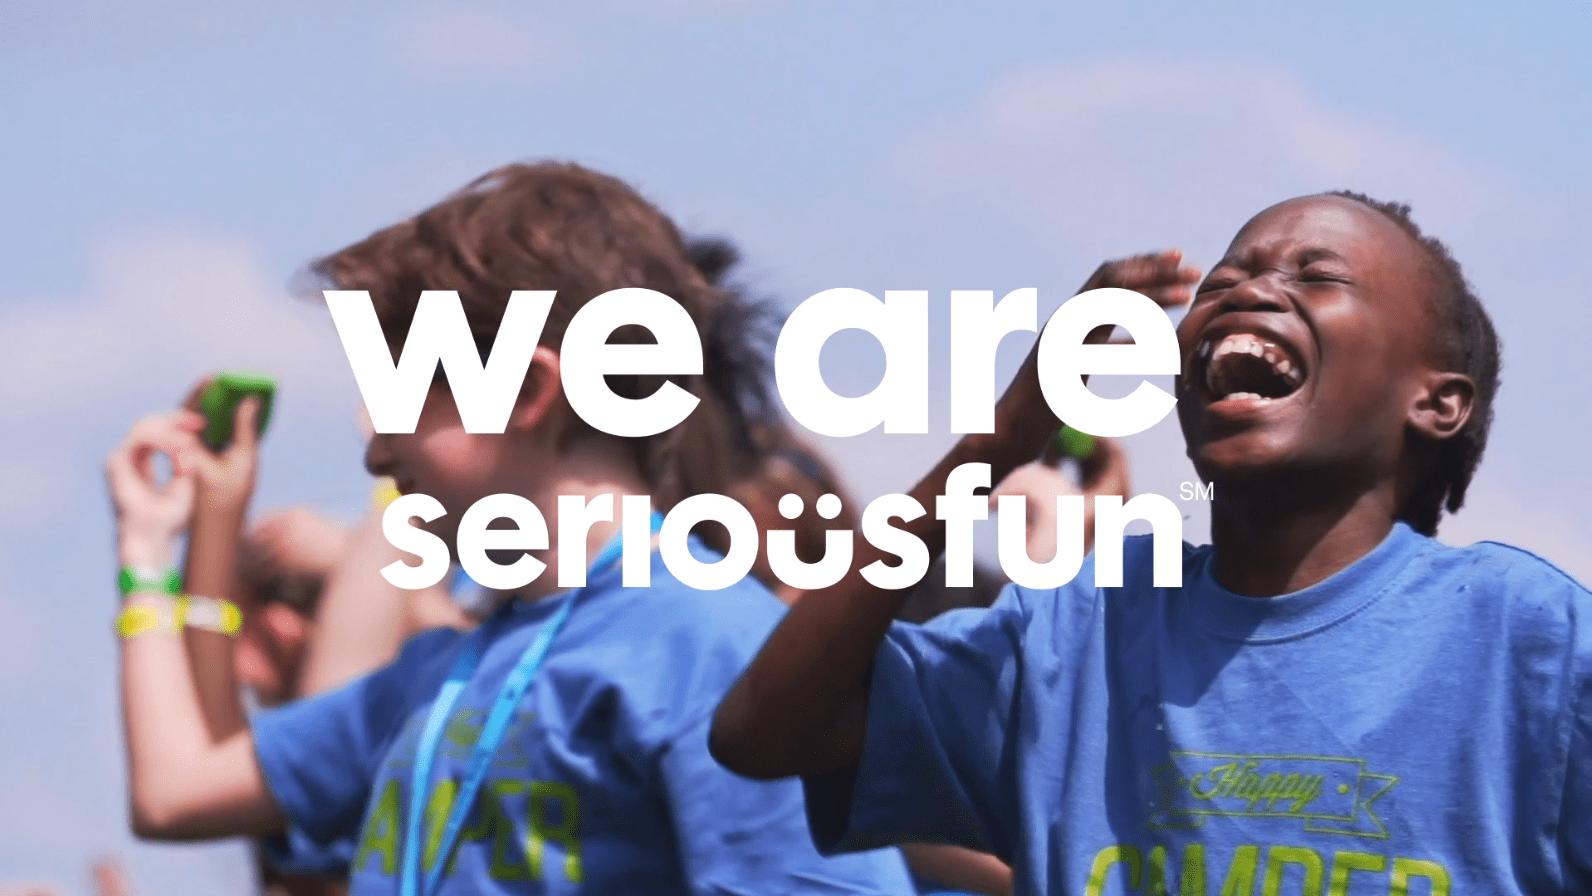 Enfants qui s'amusent et rient et logo SeriousFun